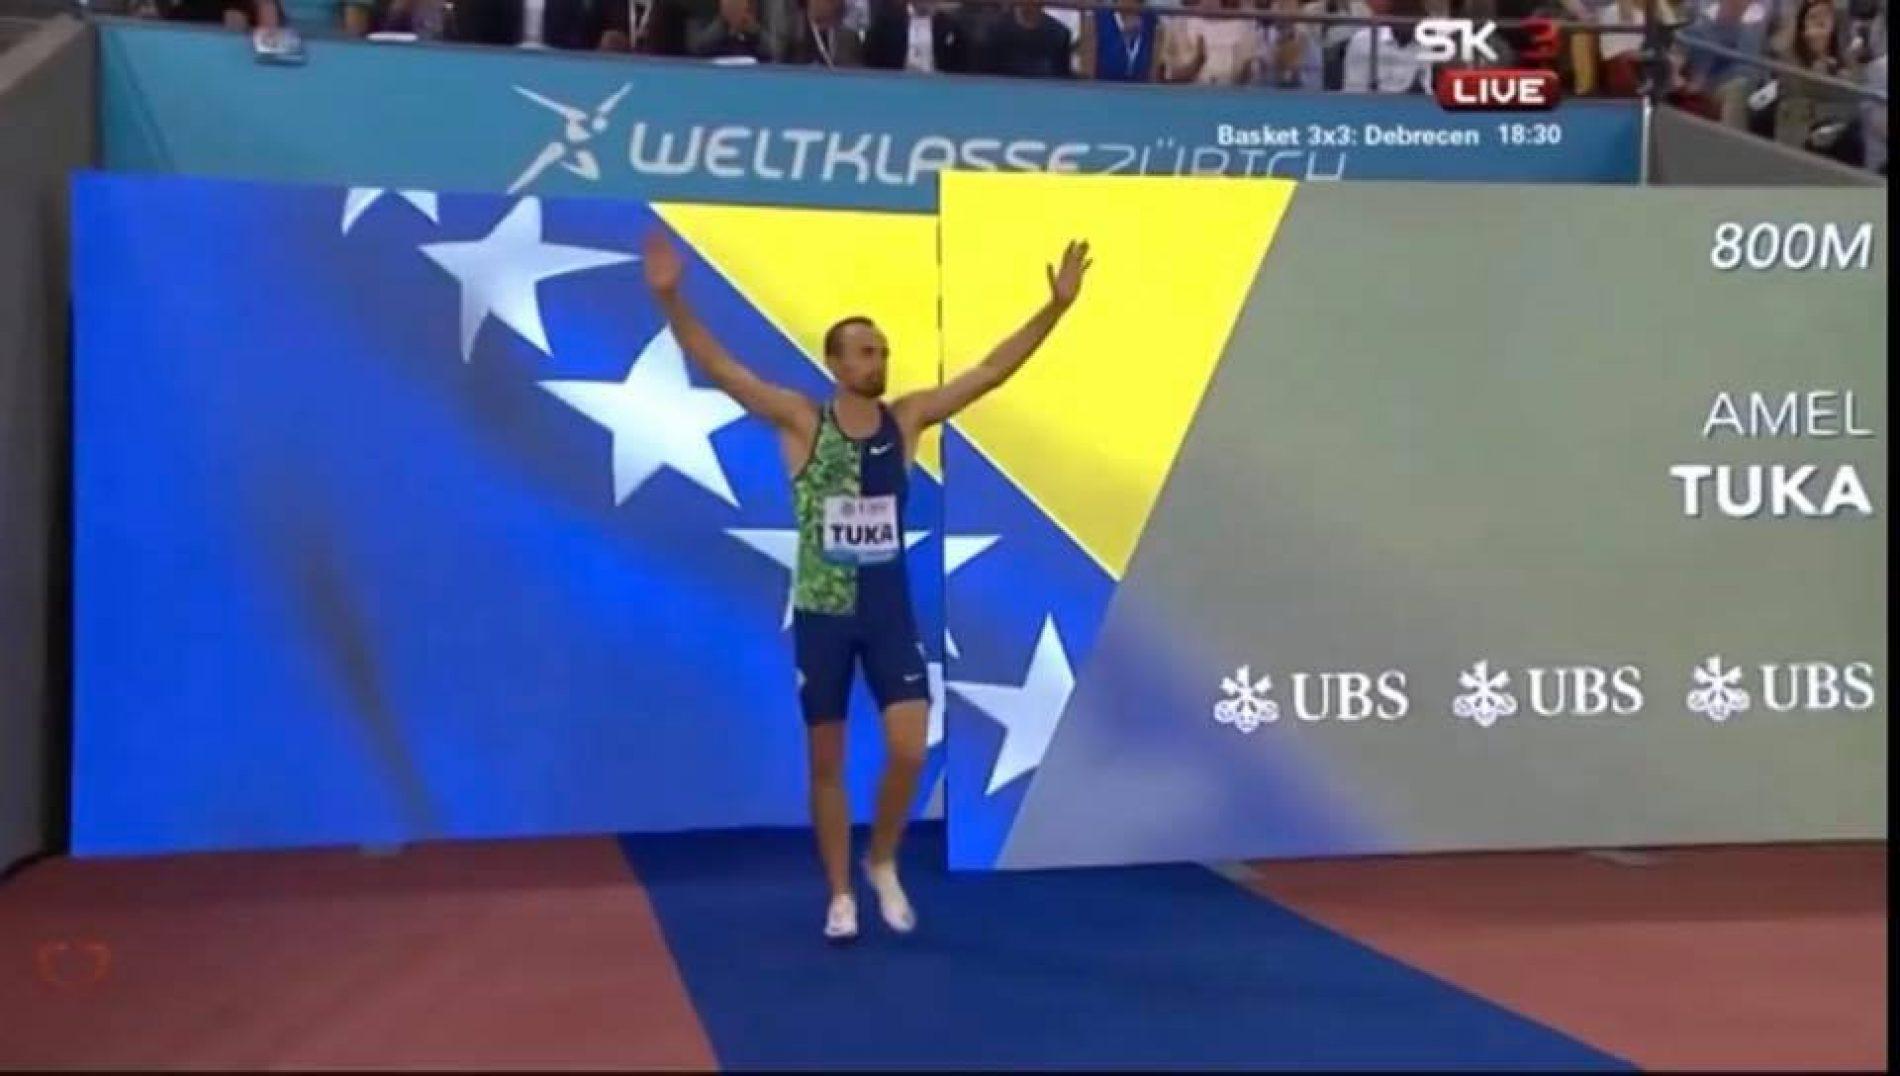 Tuka prvi u Zagrebu (VIDEO)